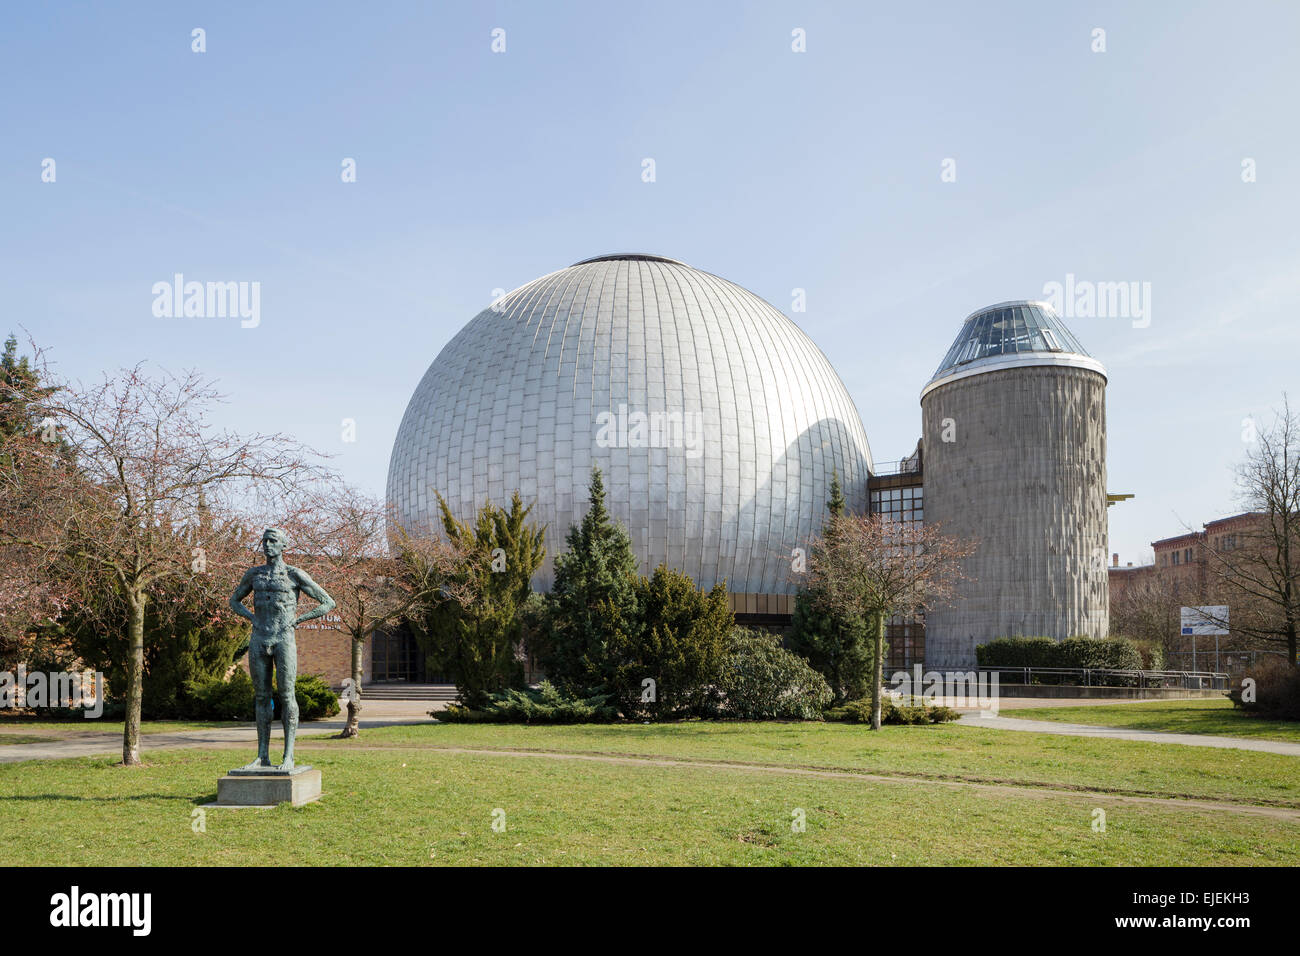 Zeiss Major Planetarium, Prenzlauer Berg, Berlin, Germany - Stock Image